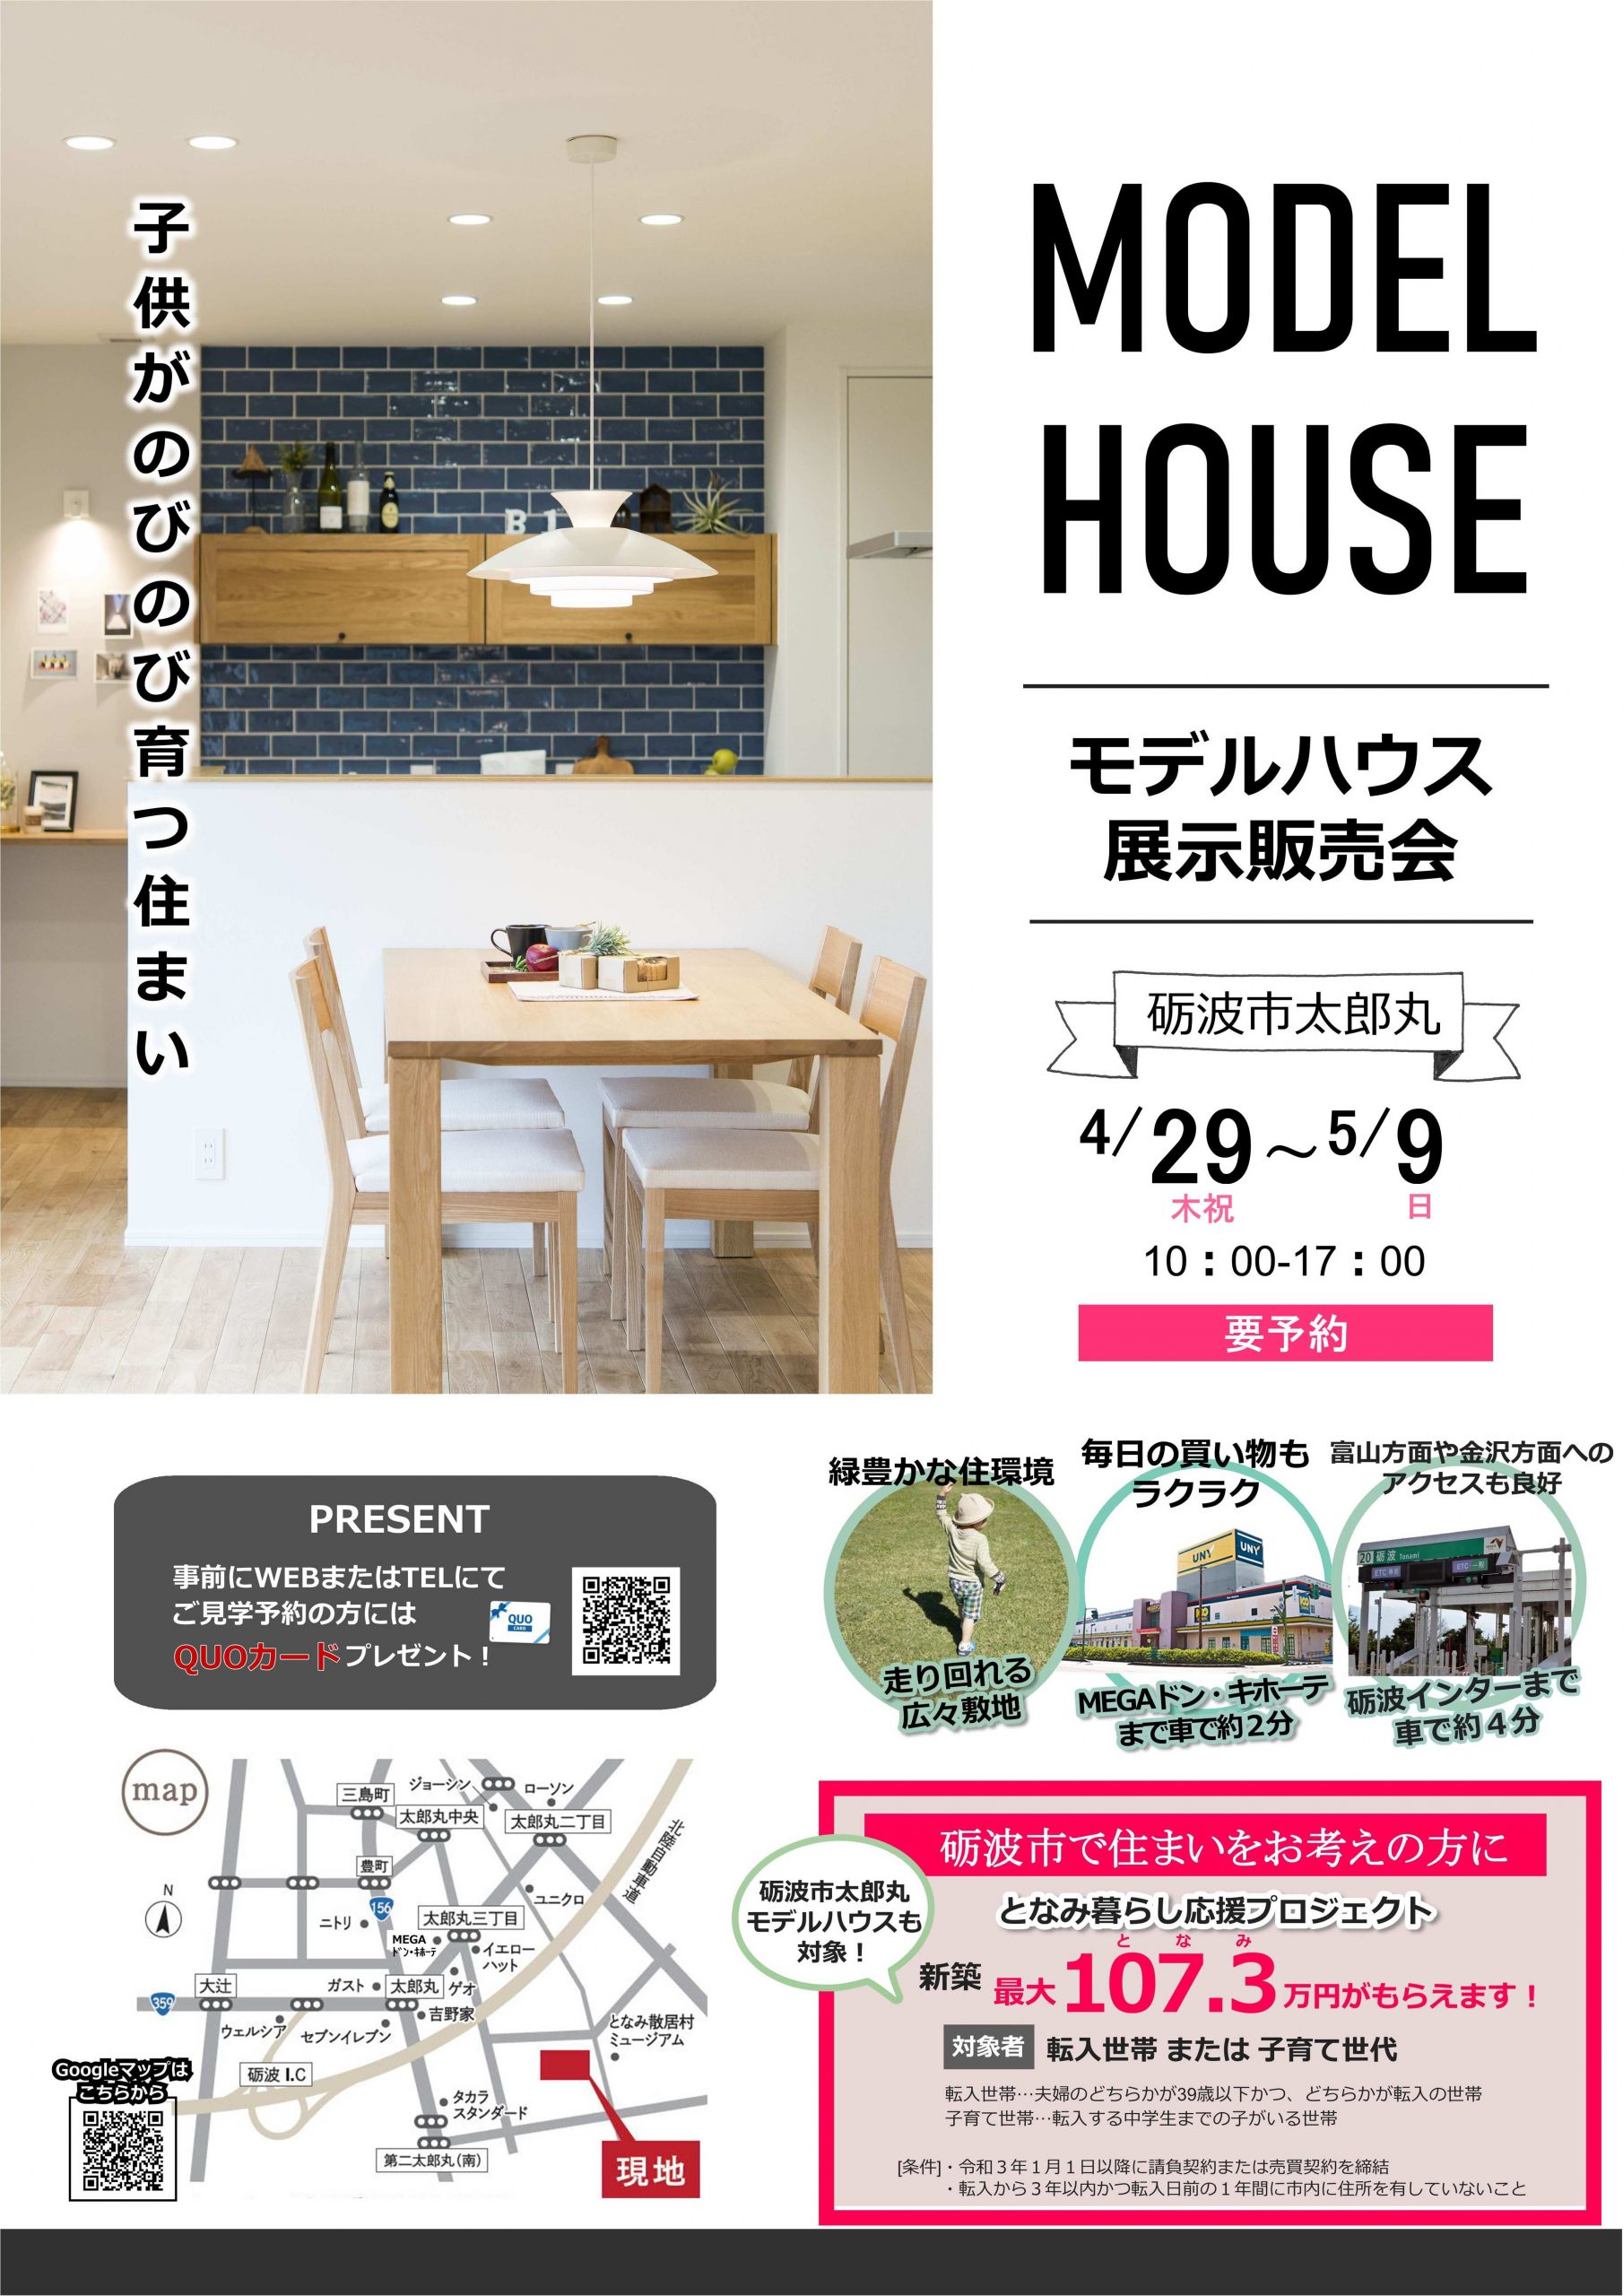 5/8(土)~5/9(日)砺波市太郎丸モデルハウスOPEN HOUSE【予約制】